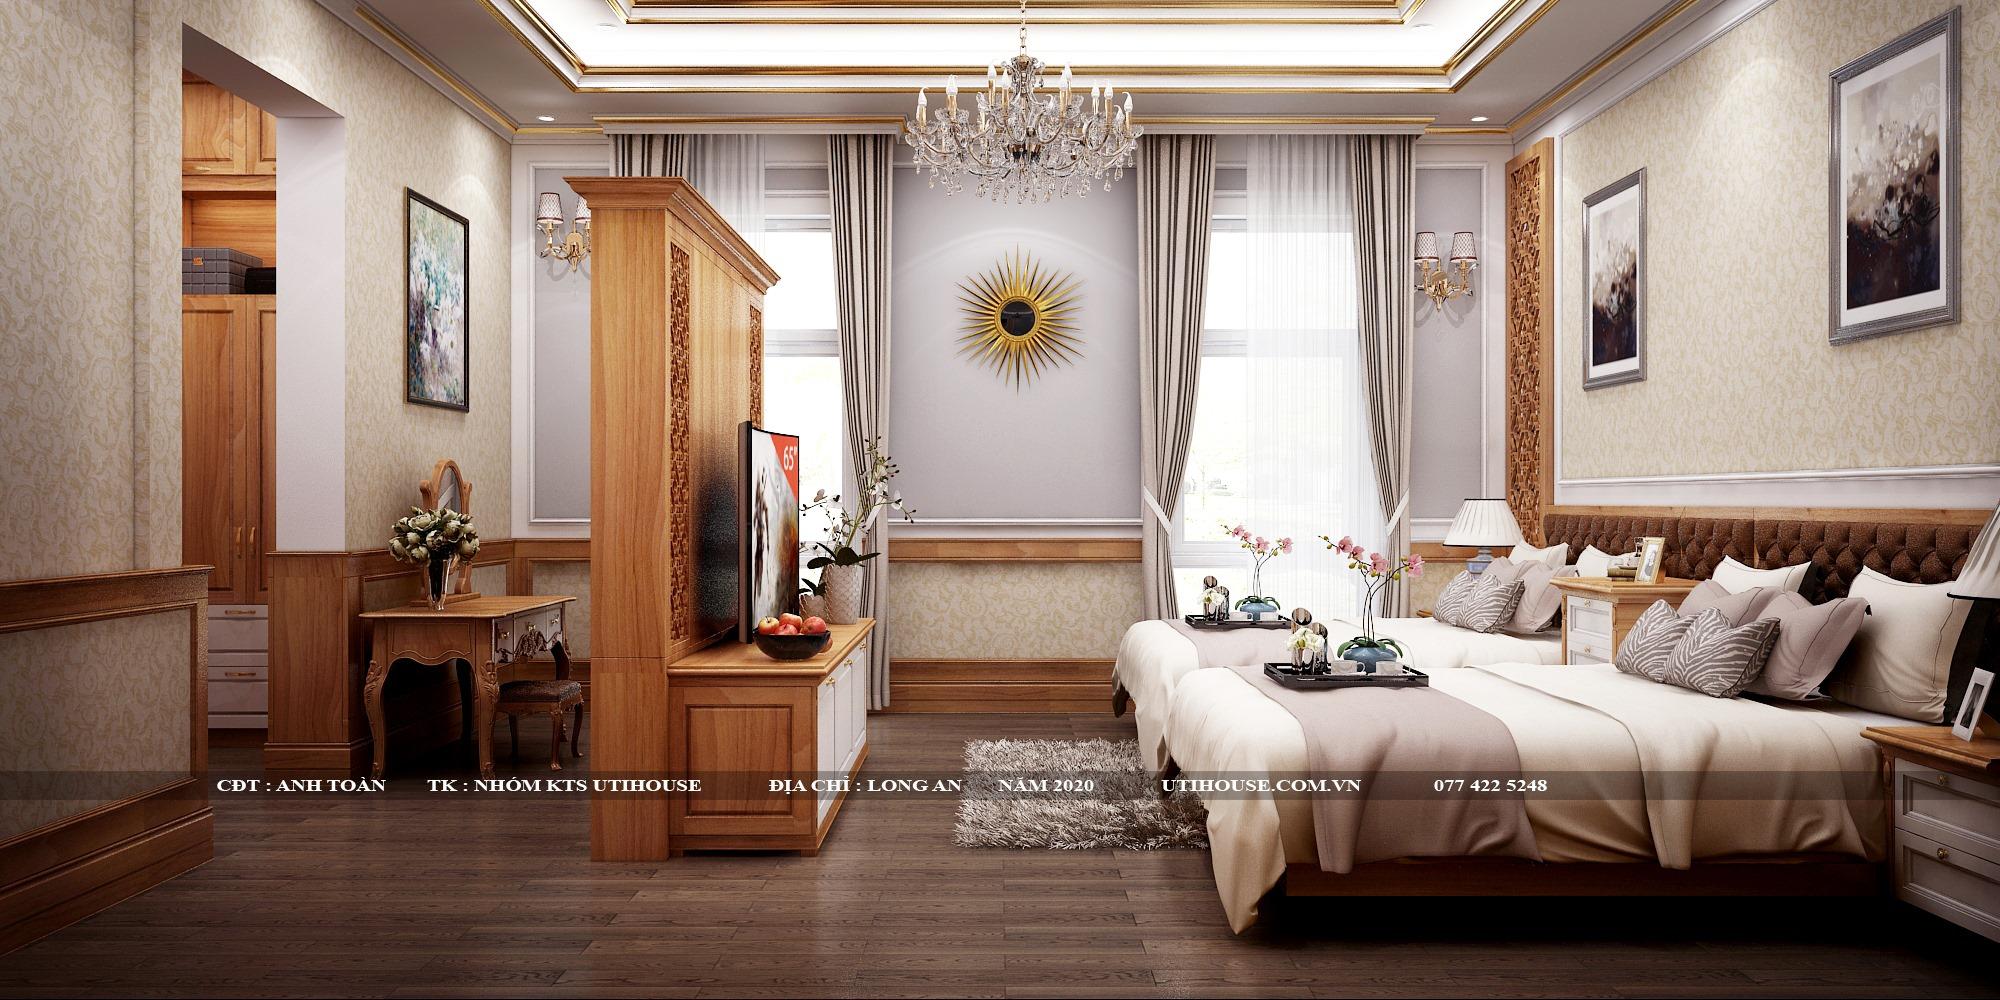 Utihouse mang đến giải pháp tối ưu cho không gian của bạn